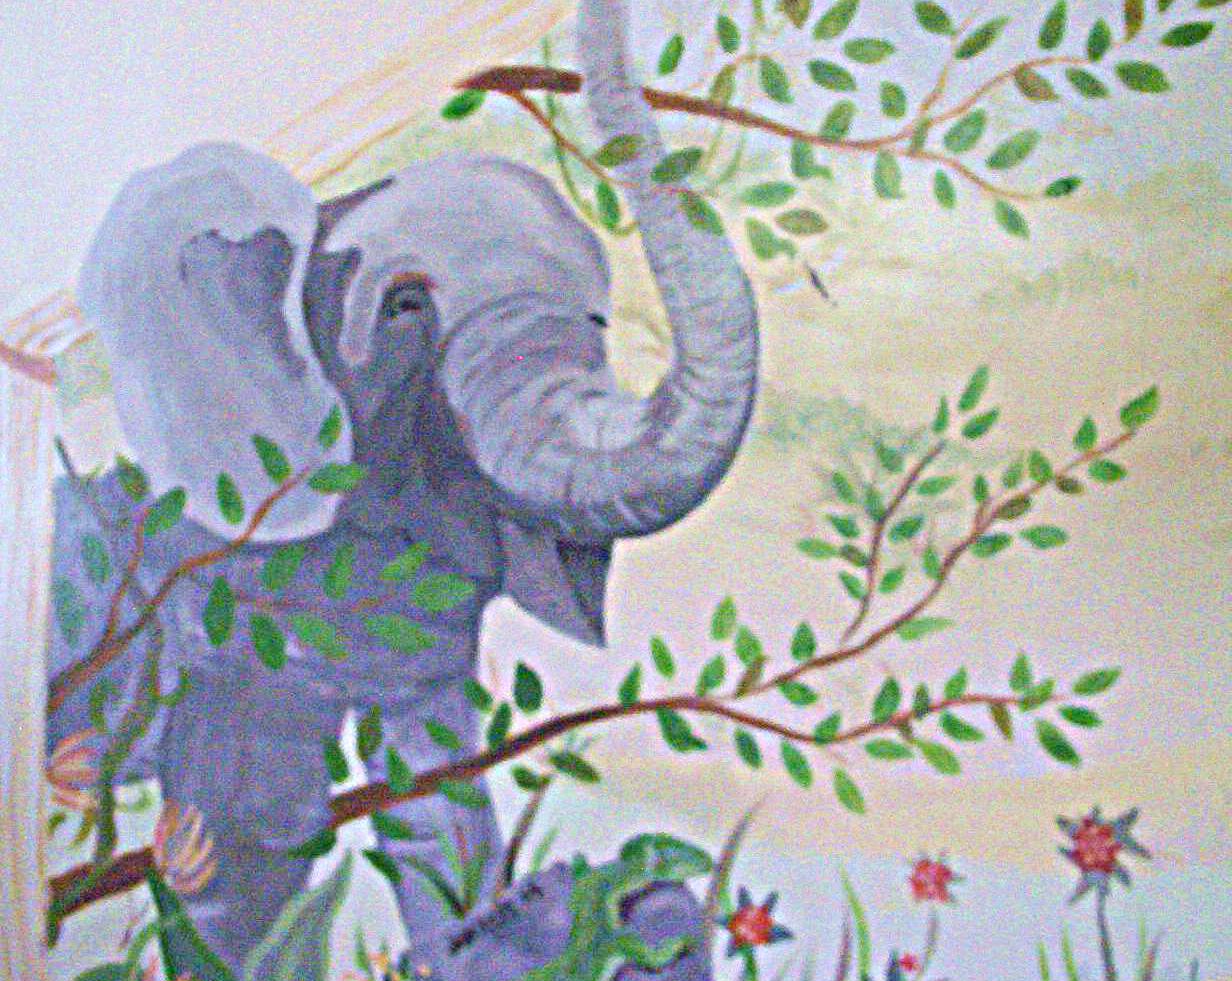 mural125